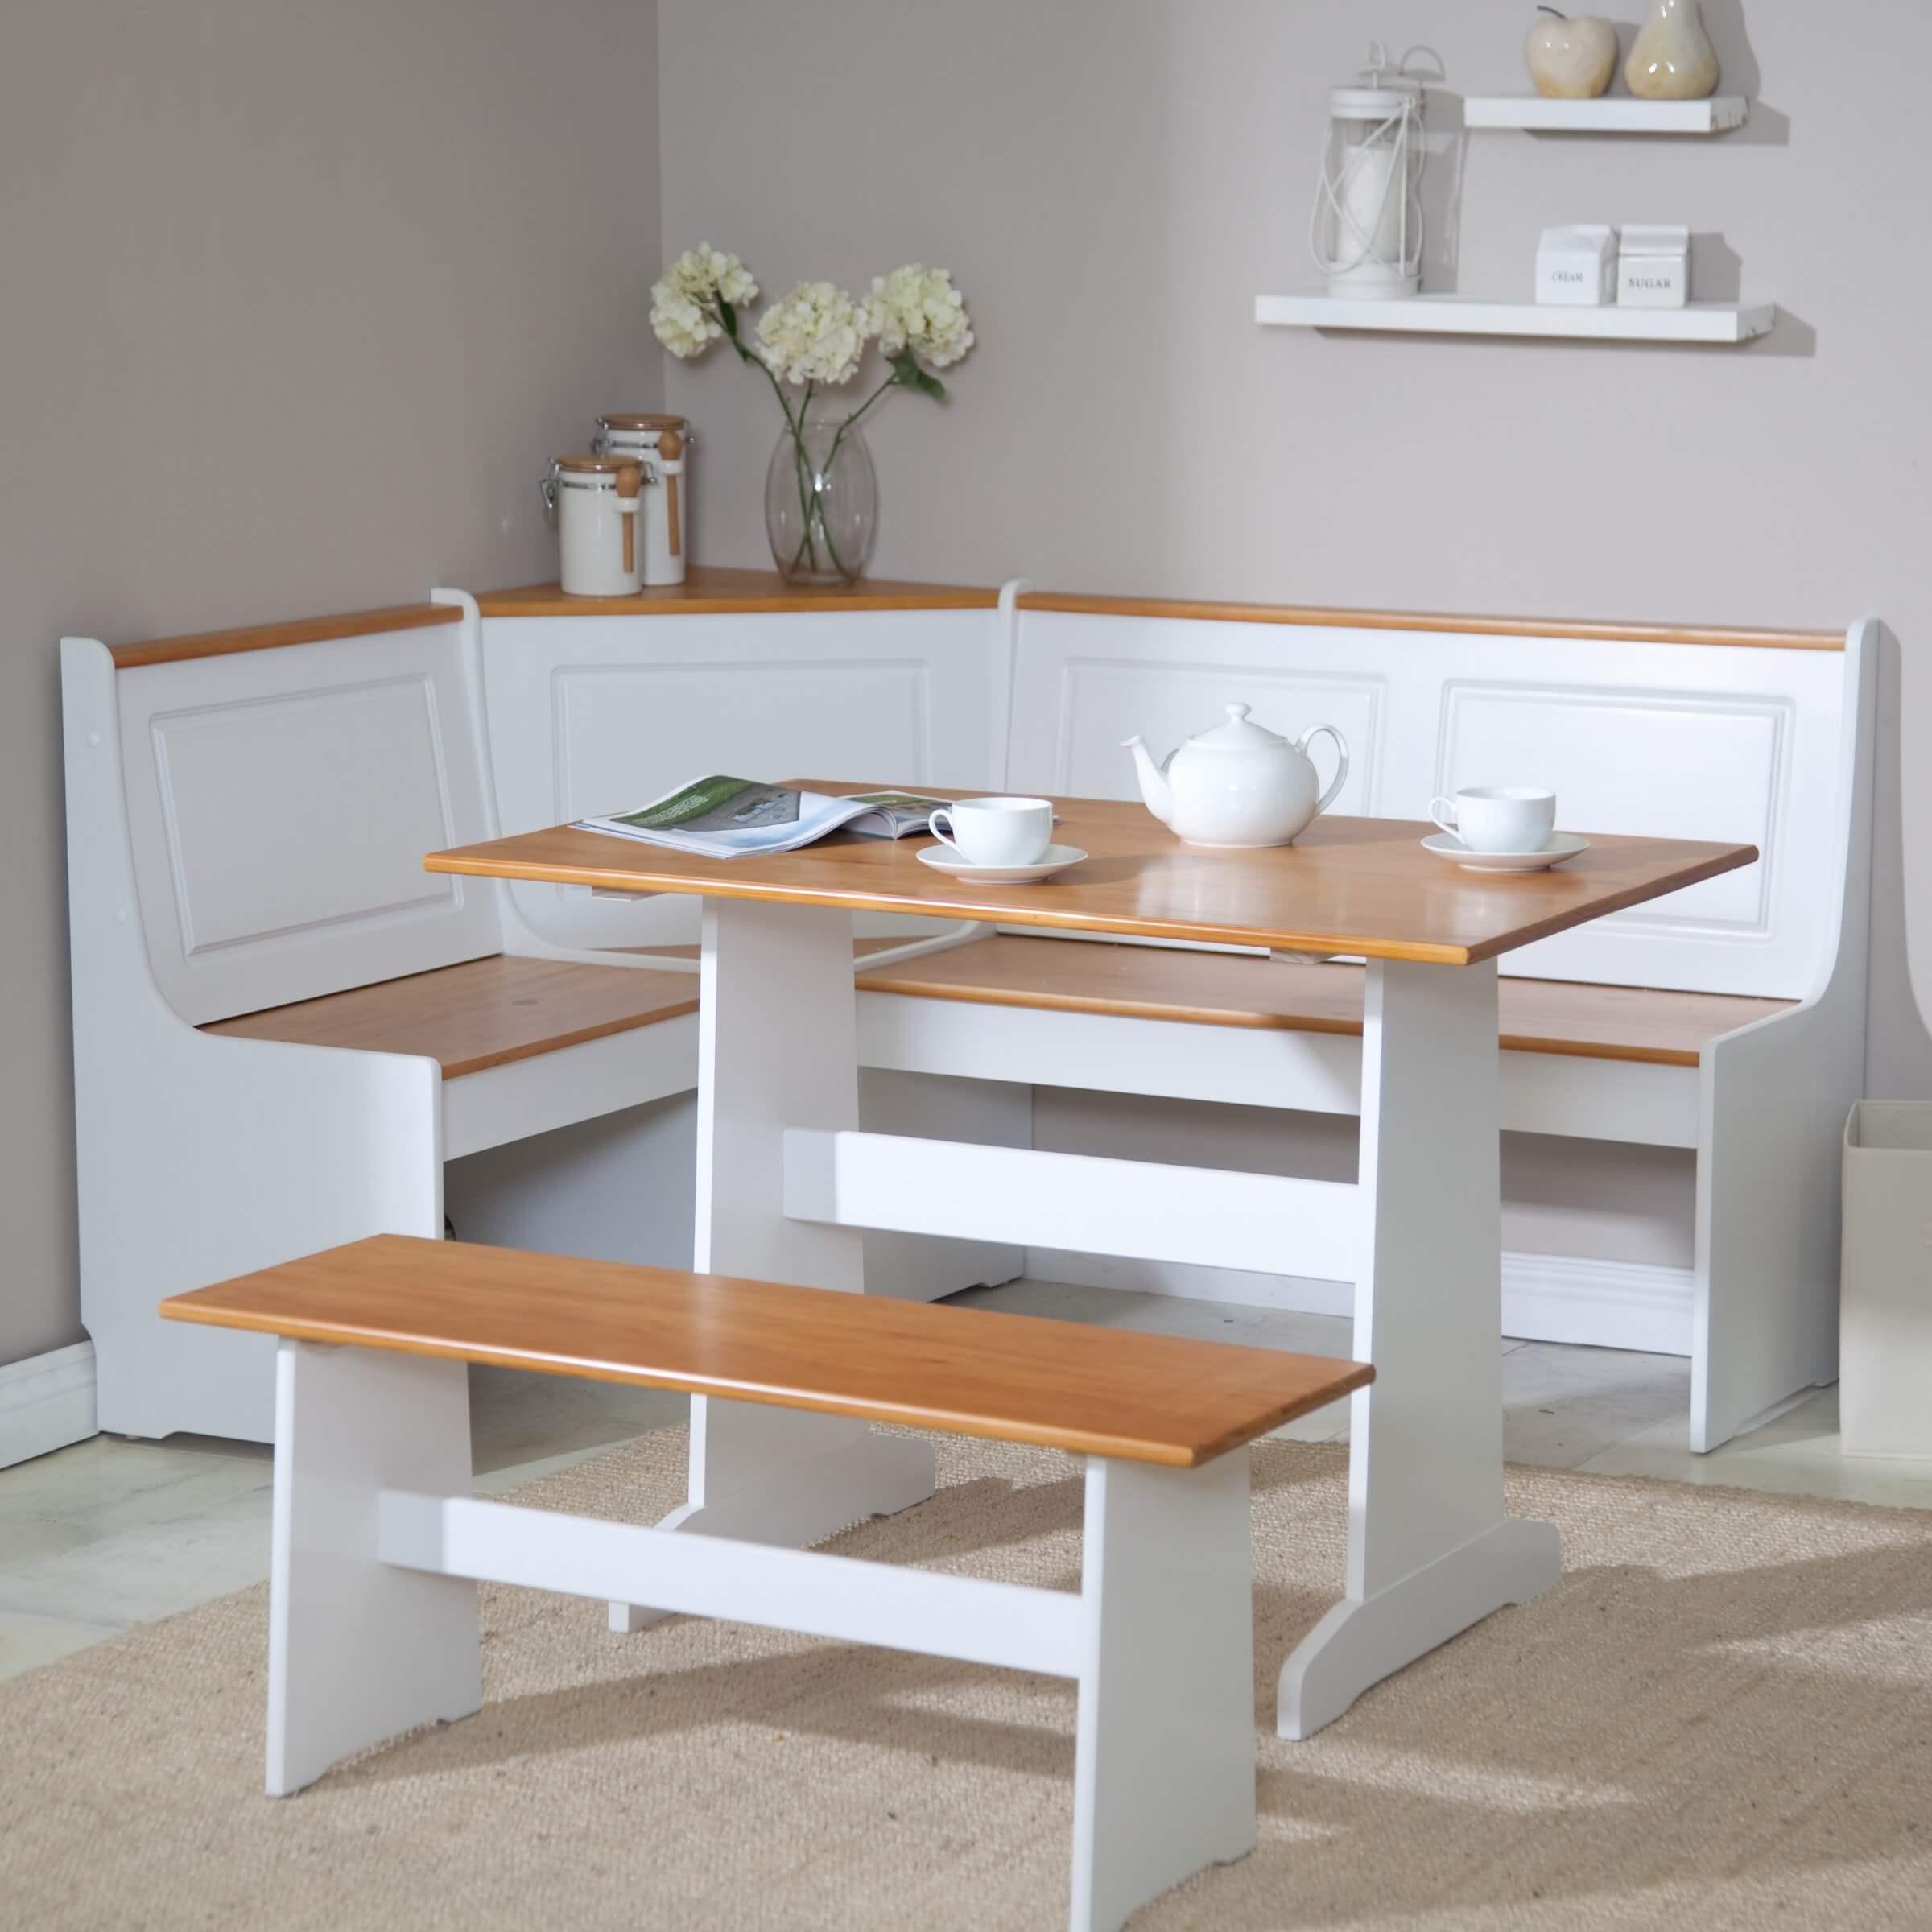 breakfast nook furniture sets wood kitchen table sets Ardmore Breakfast Nook Set